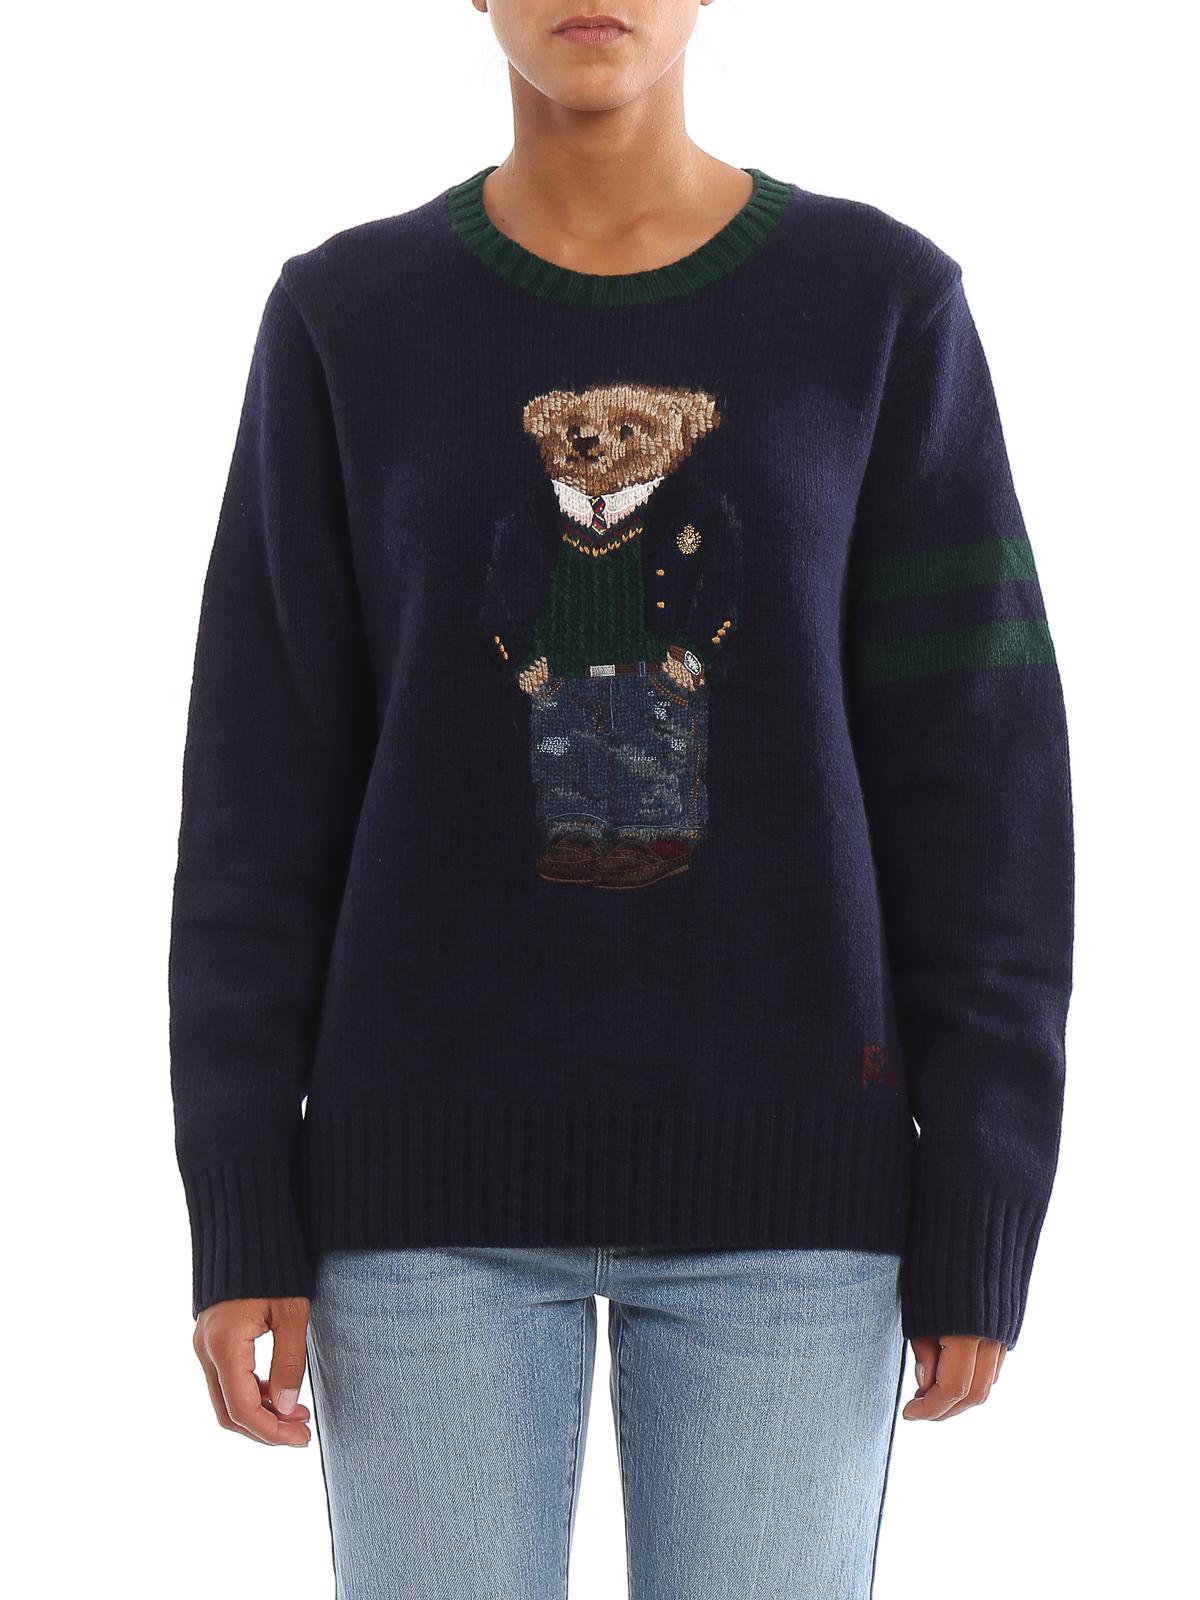 migliore a buon mercato c2481 93c79 Polo Ralph Lauren - Polo Bear embroidery wool sweater - crew necks ...